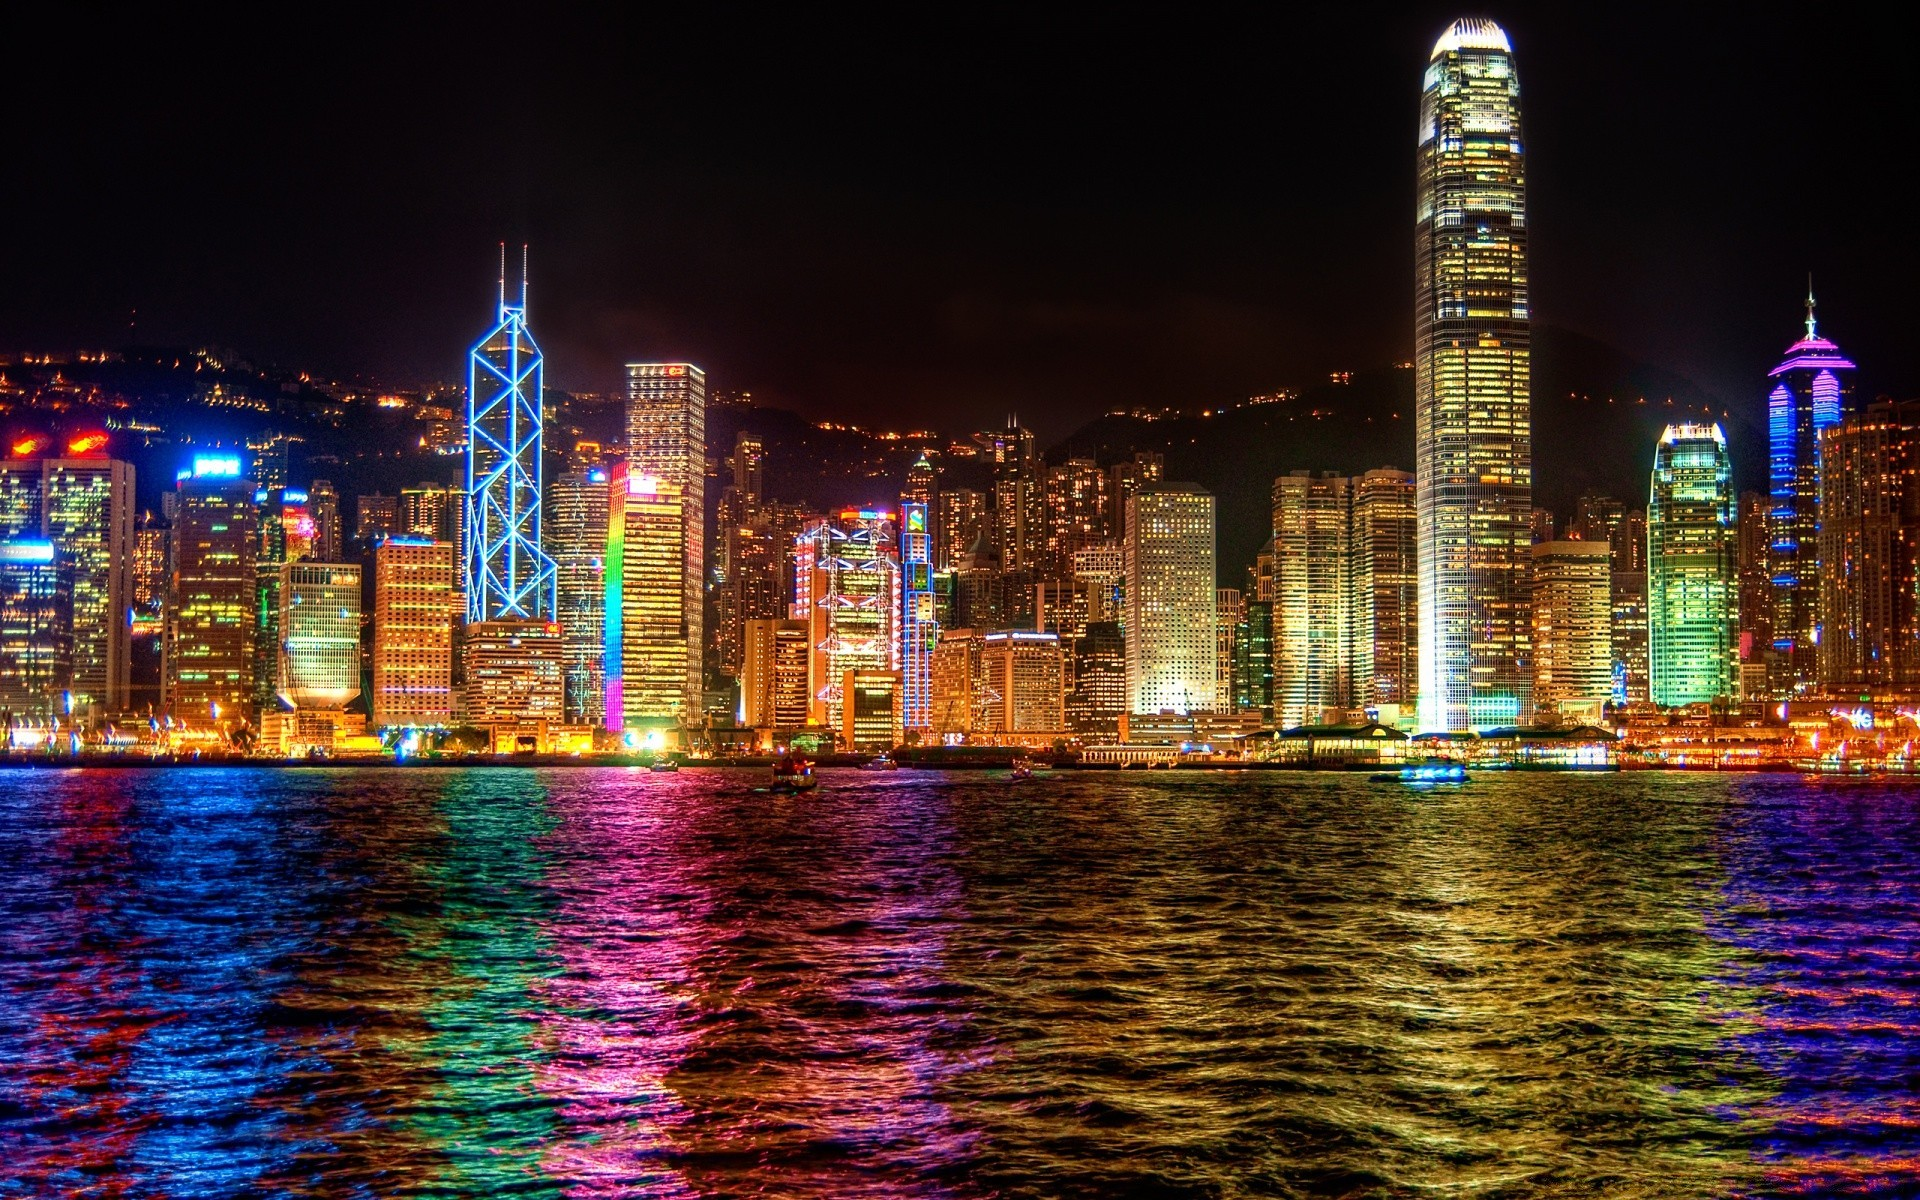 Hong leong